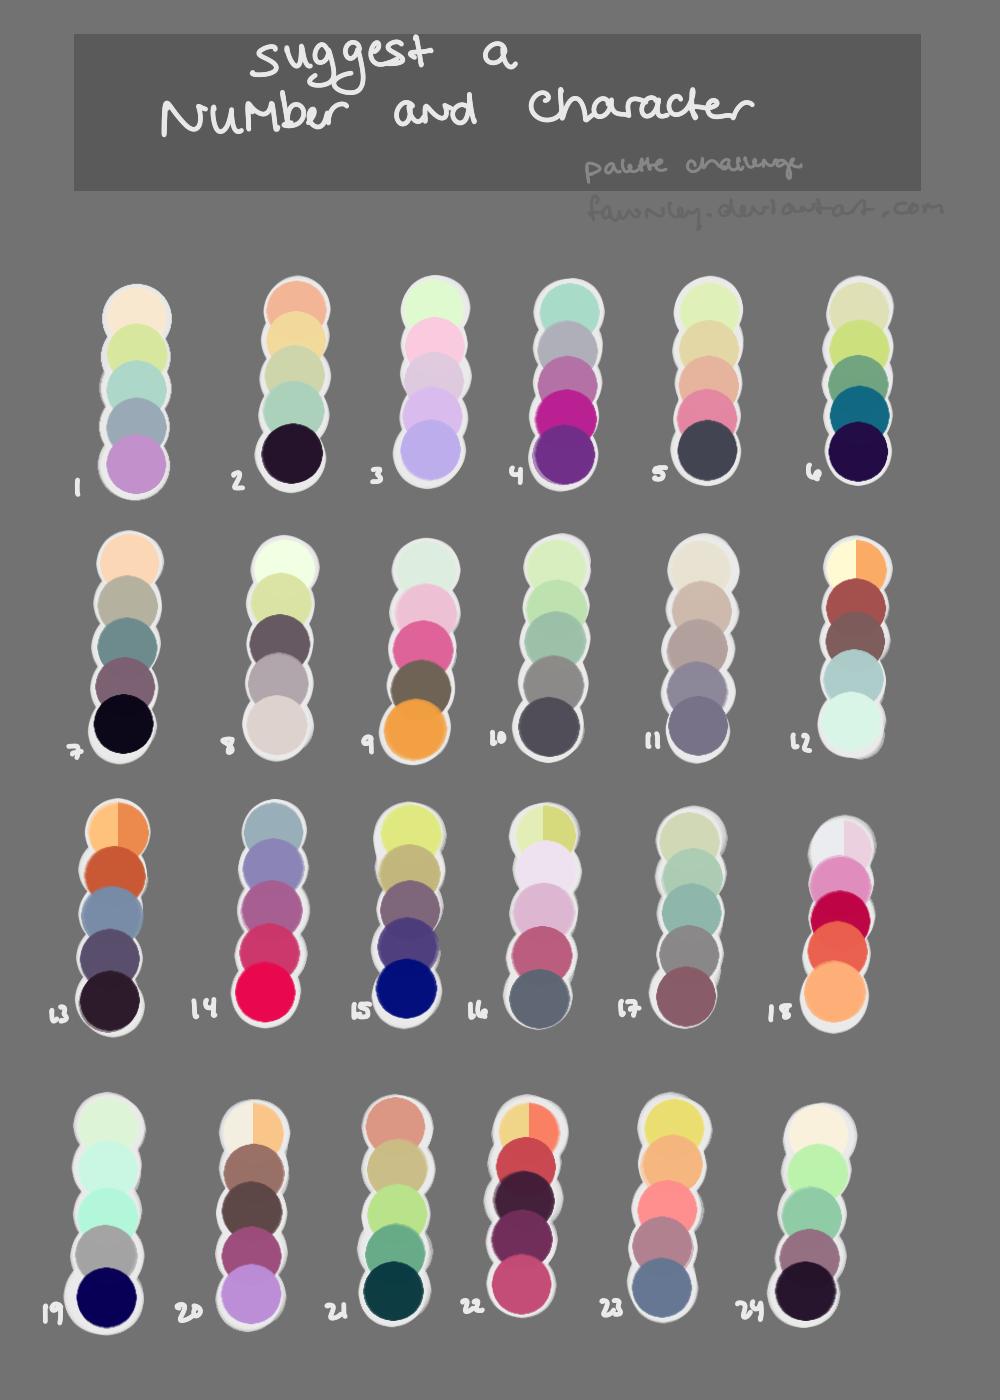 Palette challenge by AnimeZeichen2001 on DeviantArt